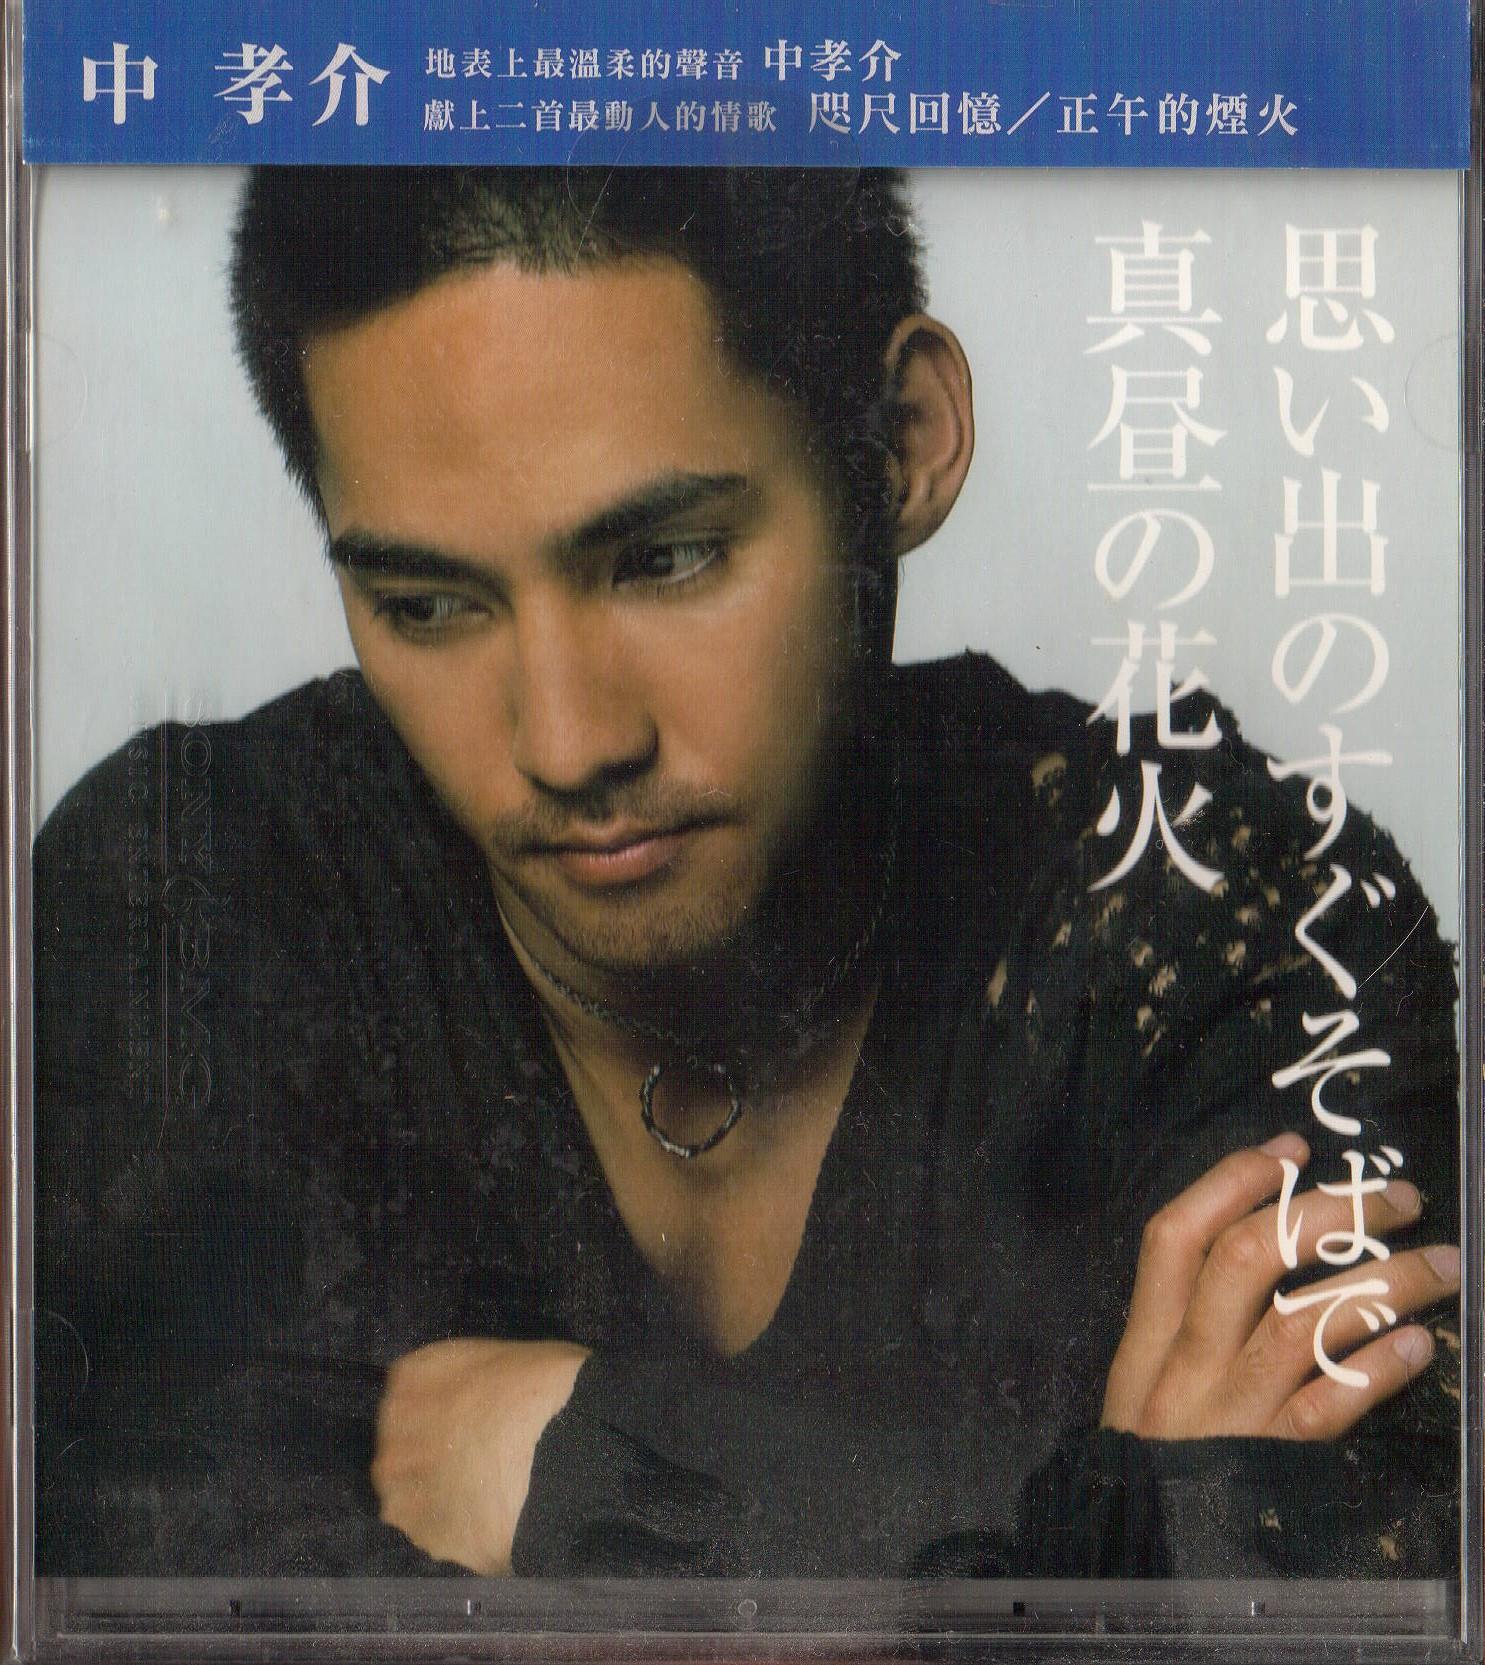 中孝介  /   咫尺回憶. 正午的煙火 CD+側標